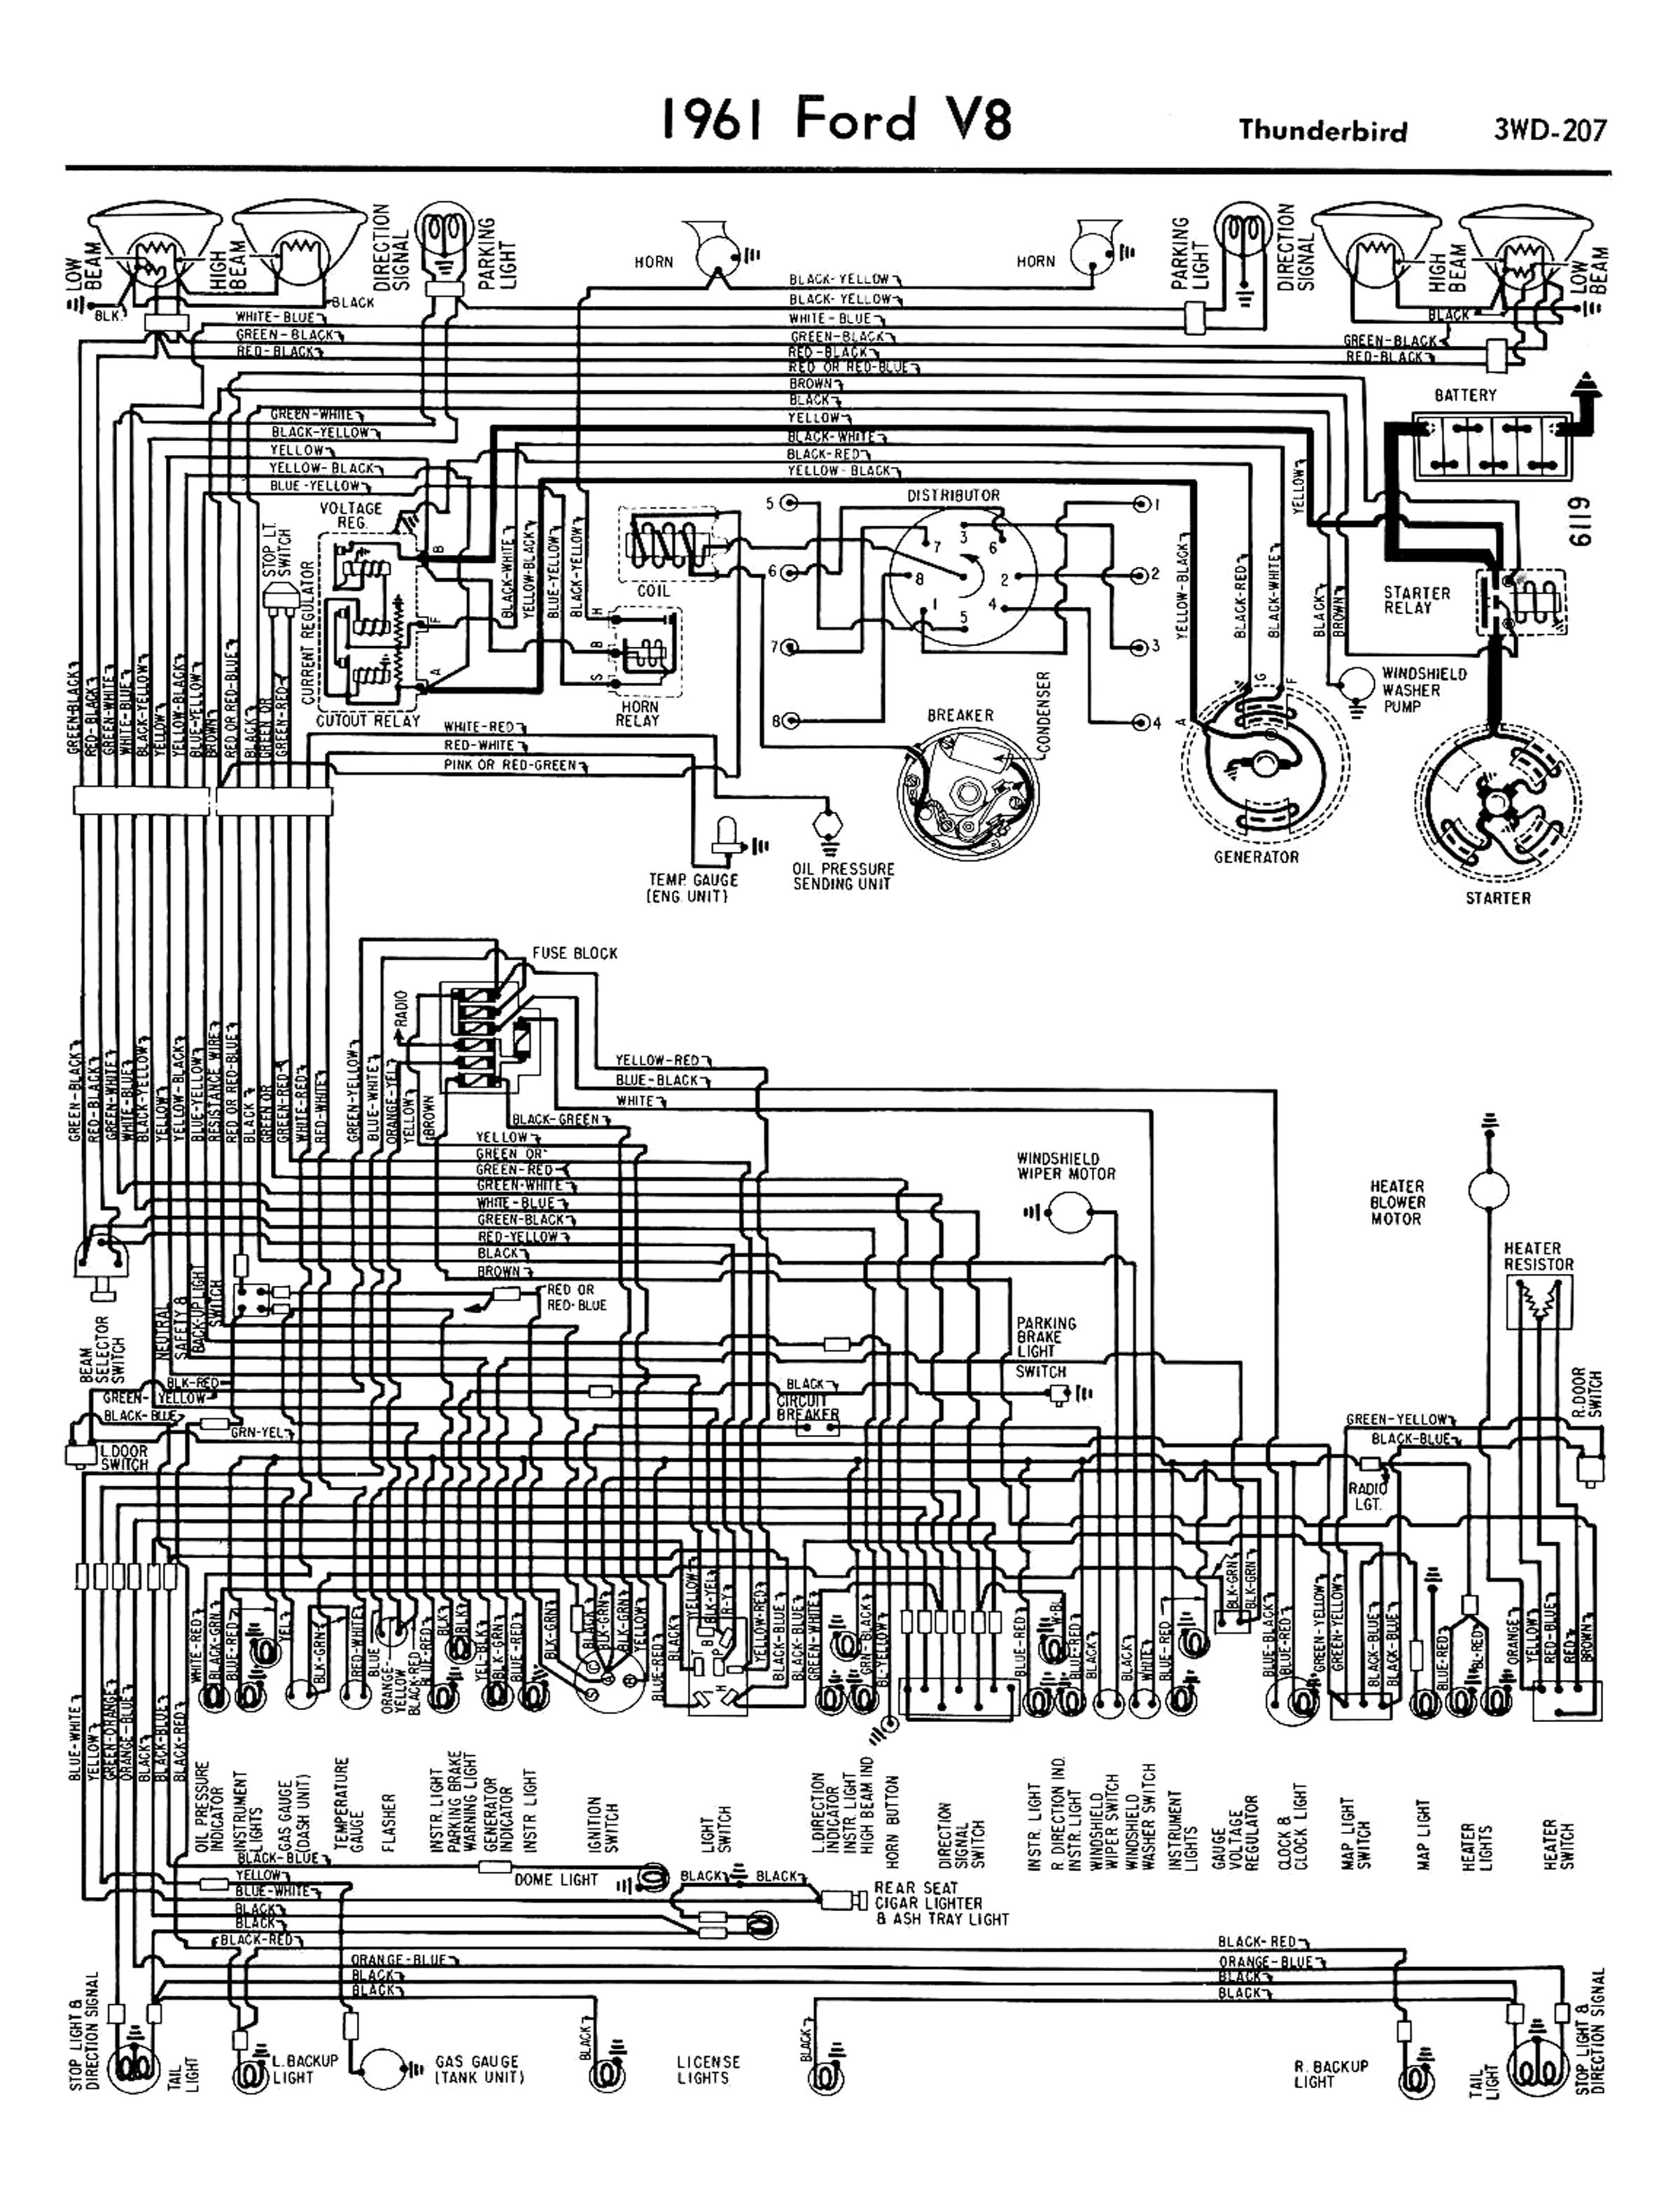 1967 Camaro Fuel Gauge Wiring Diagram 1958 68 Ford Electrical Schematics